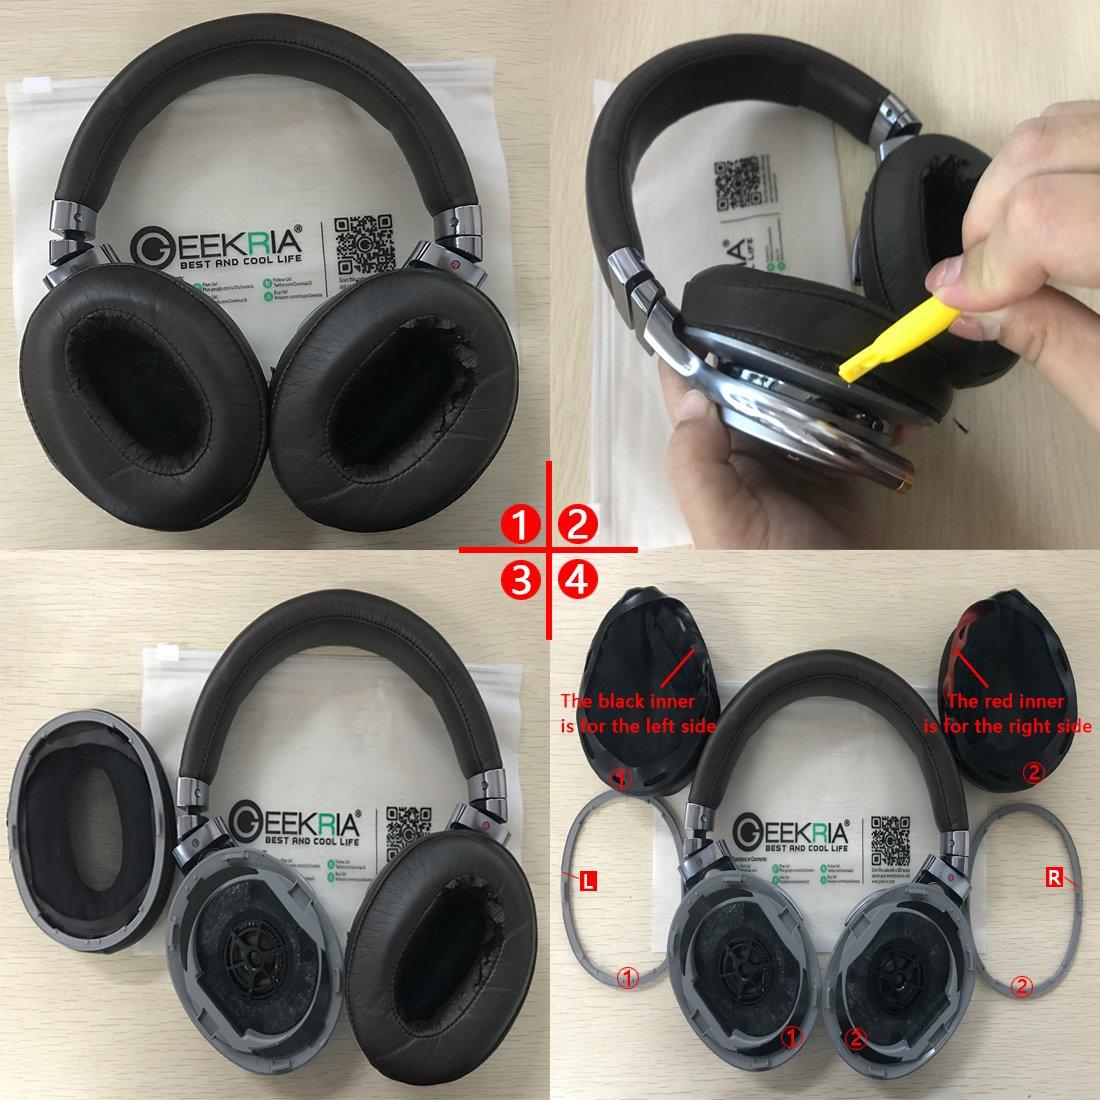 Almohadillas de repuesto para Sony mdr-1/a 1/a-bt auricular Pad//Coj/ín//Oreja tazas//Oreja Cover//almohadillas Repair Parts 1/a-dac